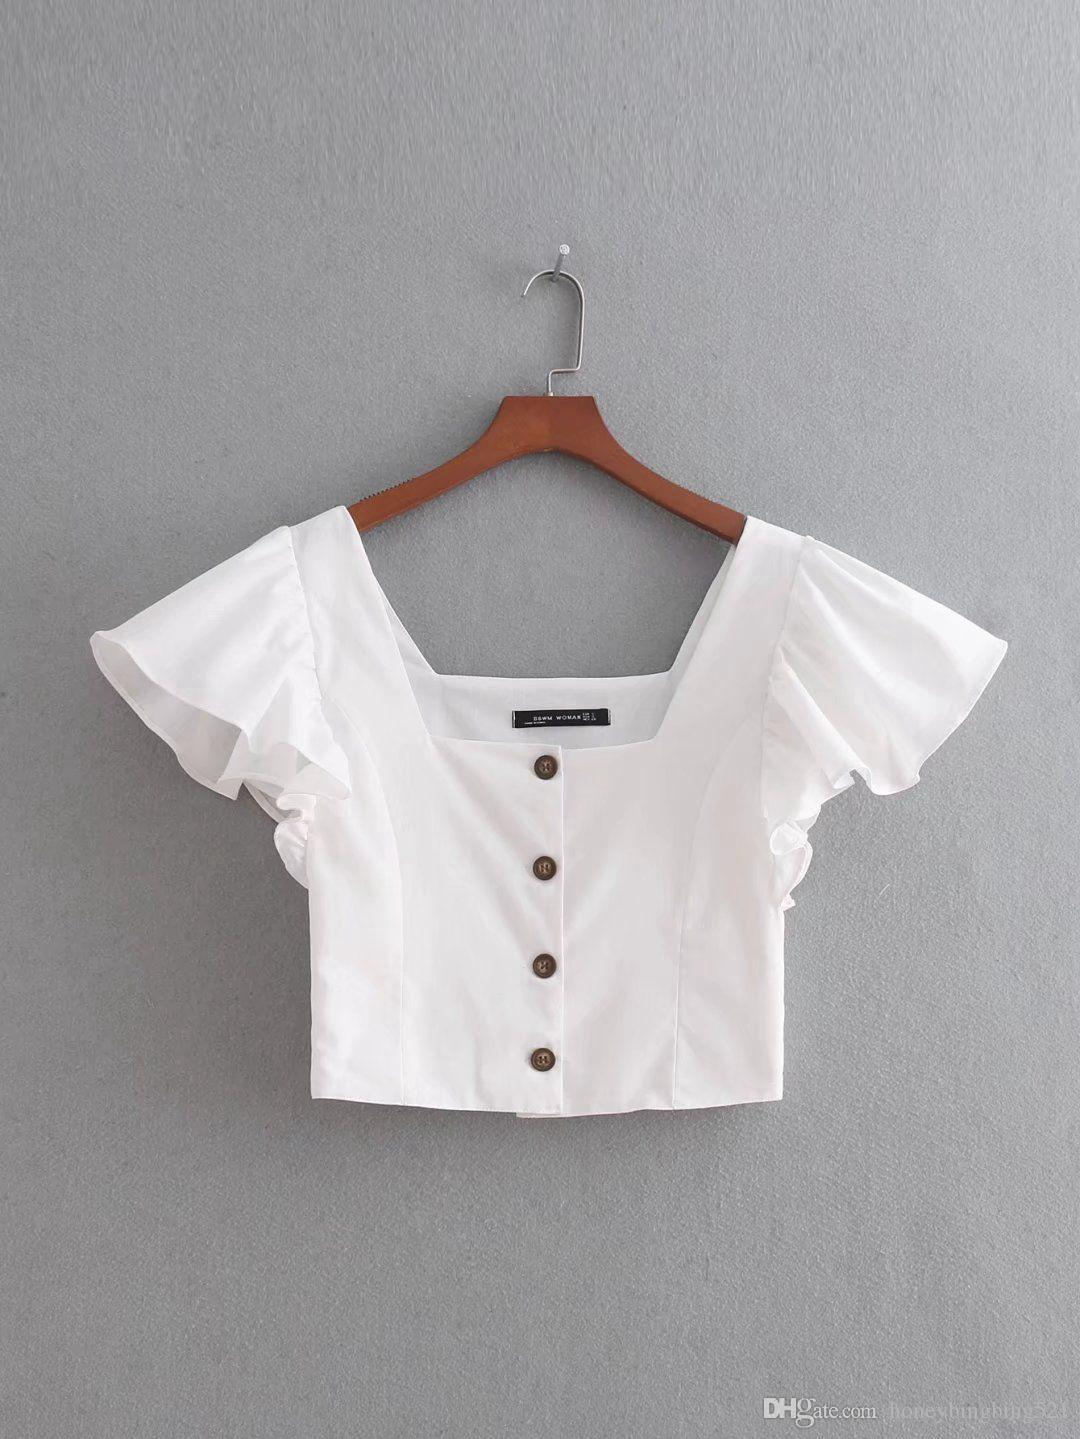 2018 moda Europeia novas Francês estilo real Turísticos babados peito de design das mulheres de manga curta blusa curta de cintura alta parte superior da camisa